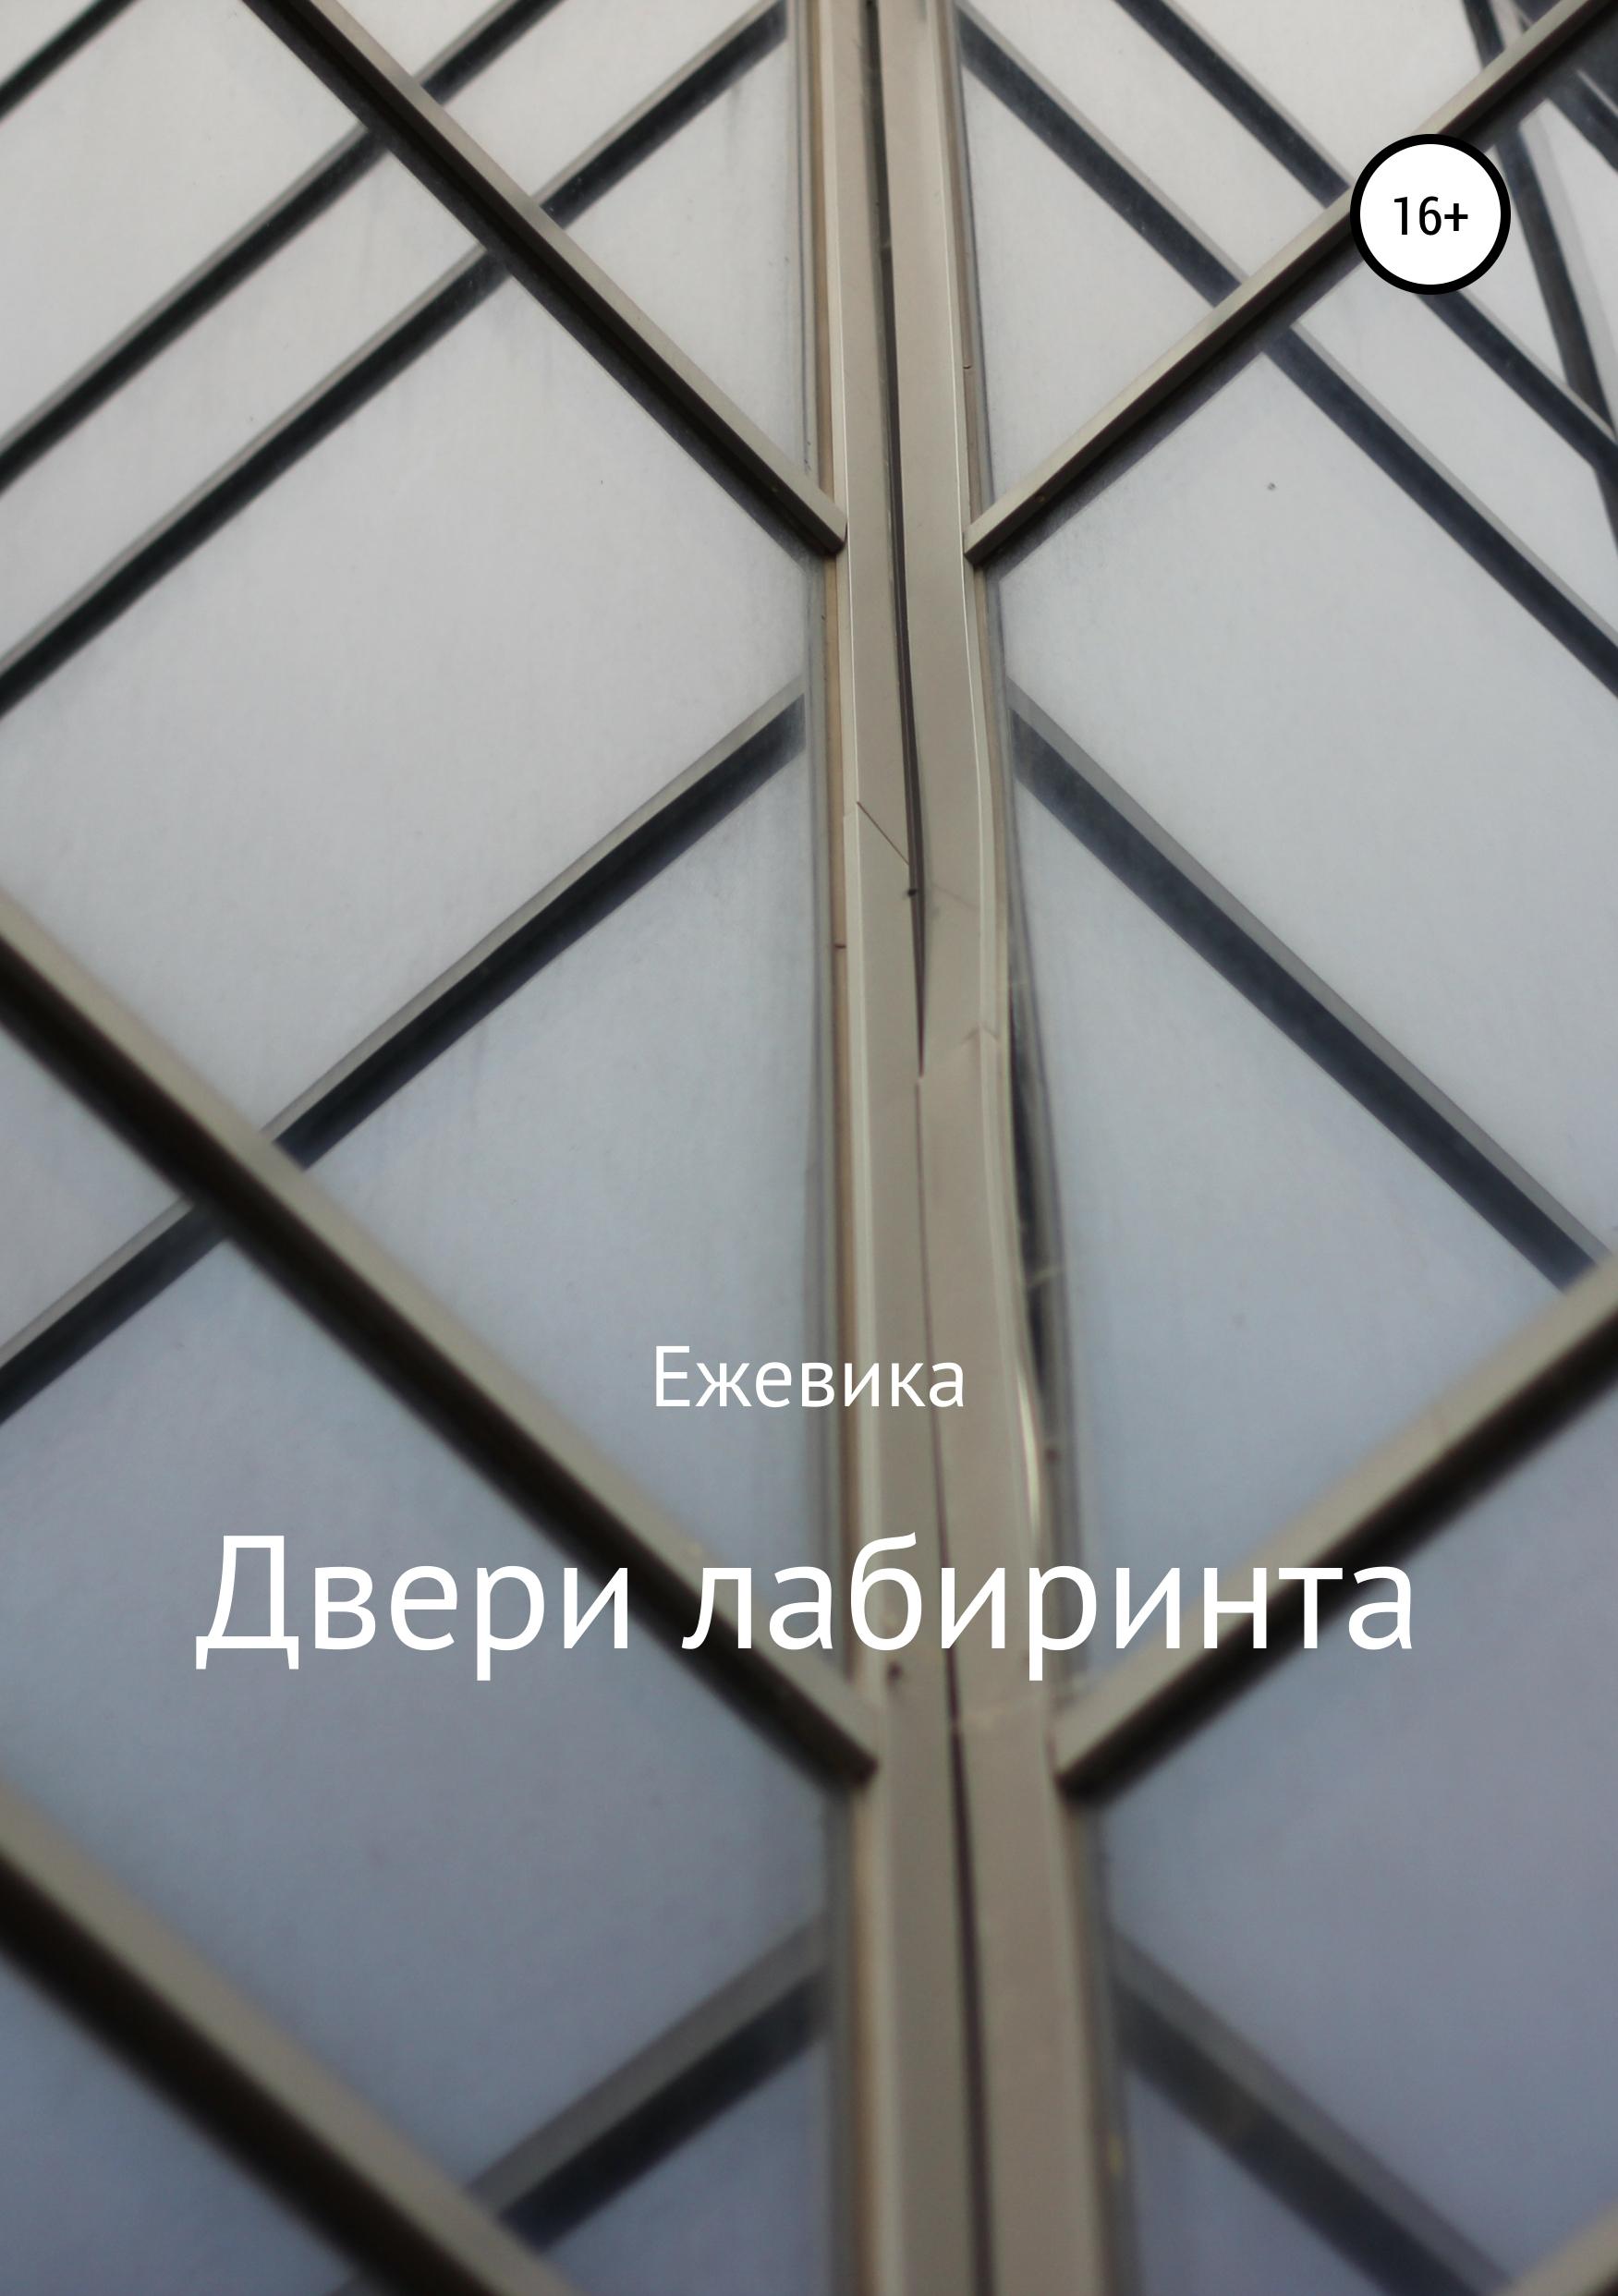 Электронная книга «Двери лабиринта» – Имя Ежевика